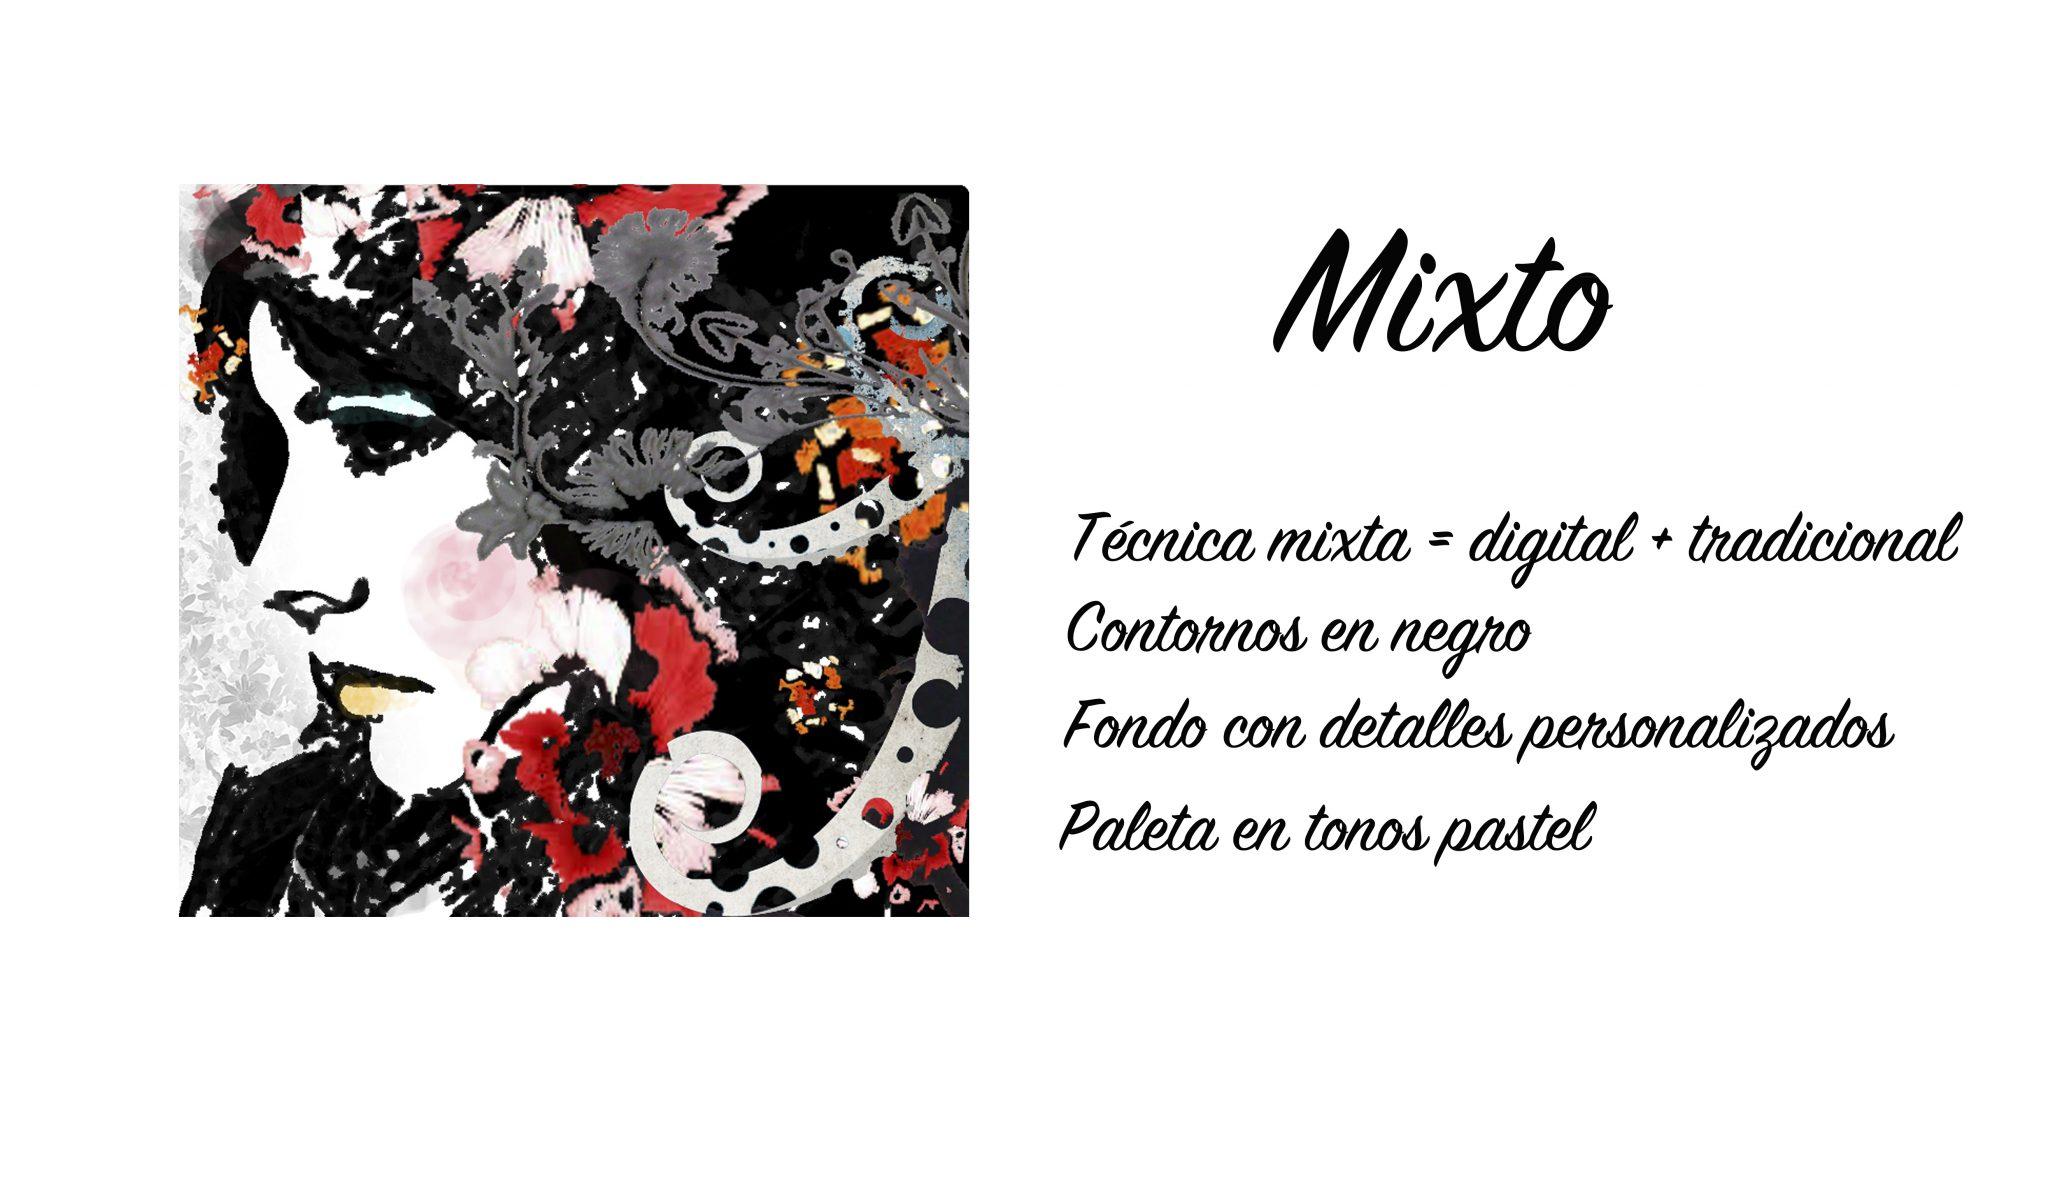 EL ESTILO «MIXTO»: RETRATO QUE MEZCLA LO ANALÓGICO Y LO DIGITAL